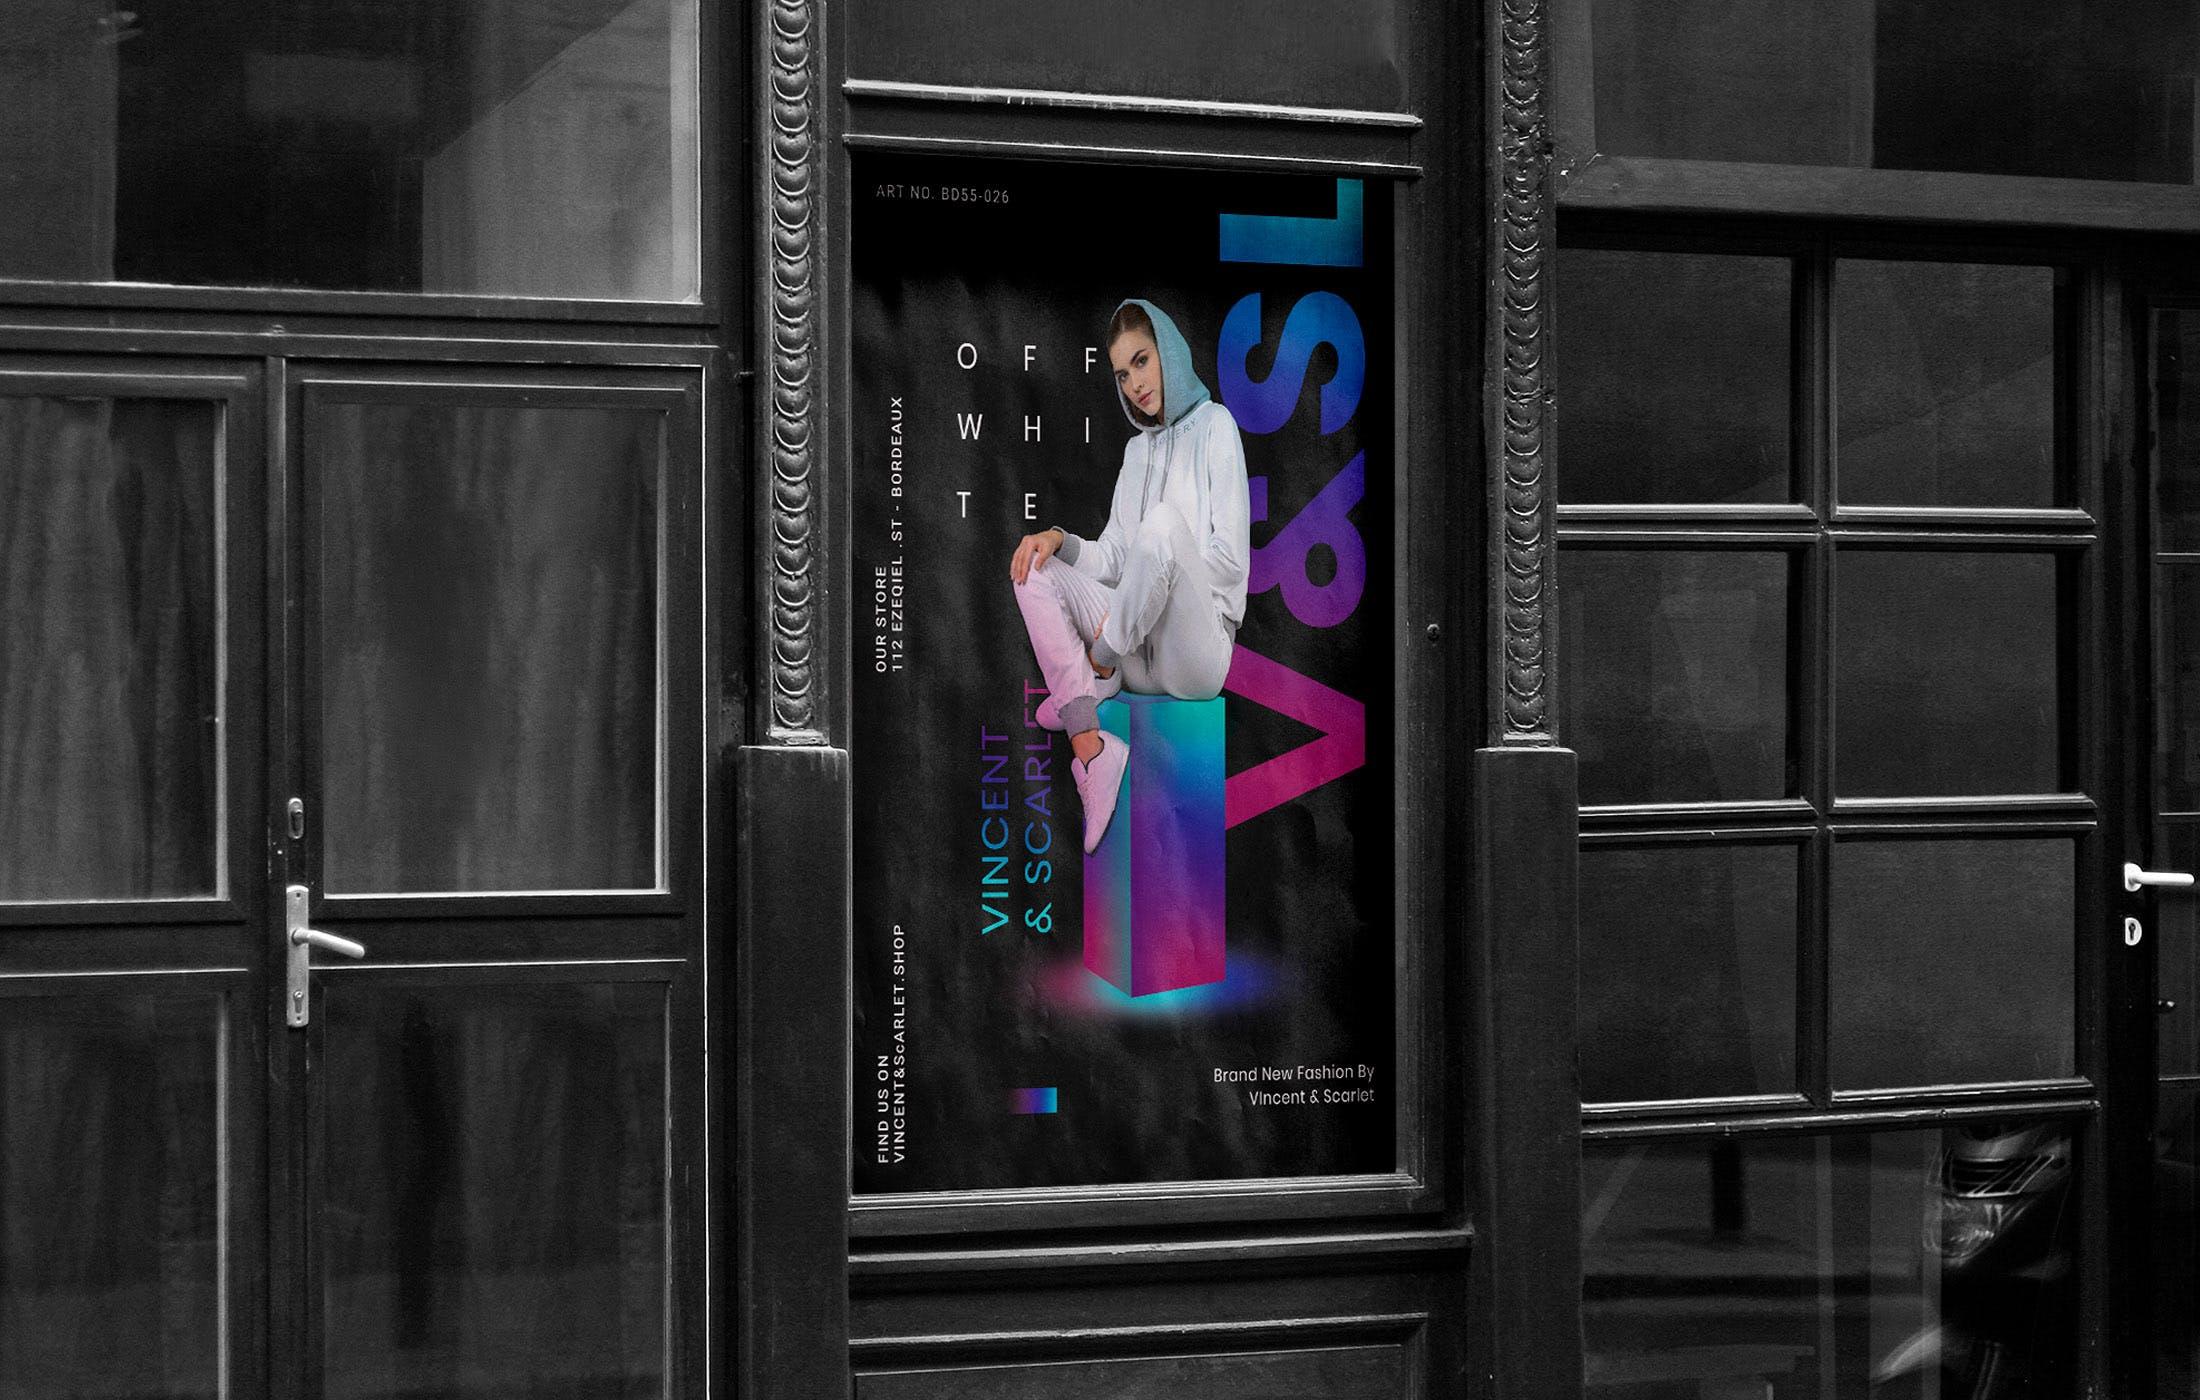 渐变风时尚封装展示海报/传单模板素材elements-fashion-poster-49F9RF